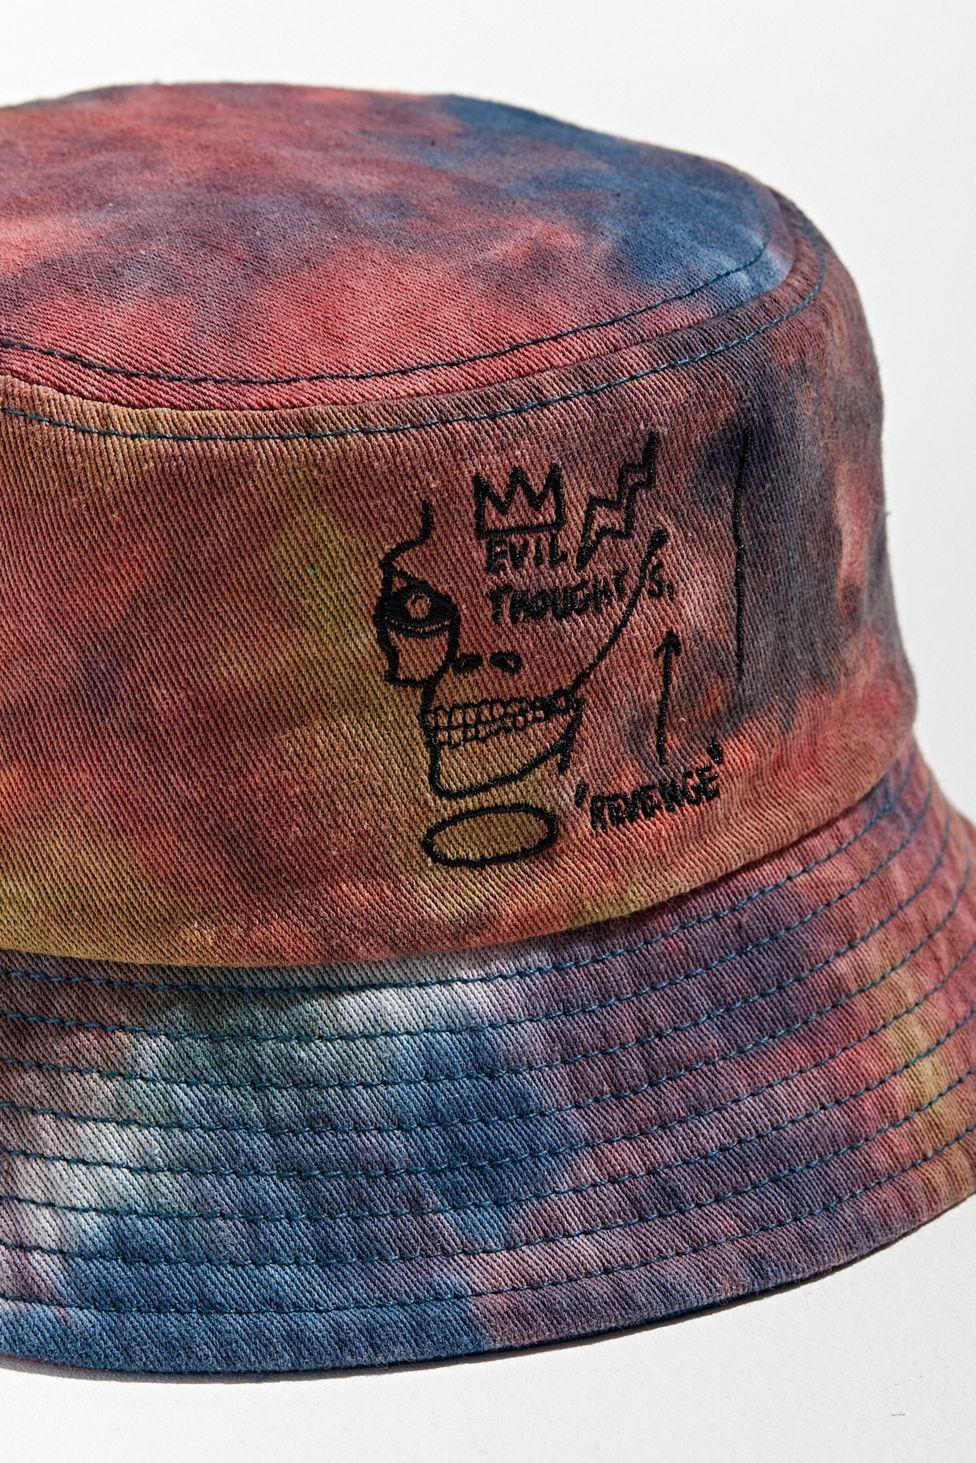 Basquiat Tie Dye Bucket Hat Tie Dye Bucket Hat Tie Dye Basquiat